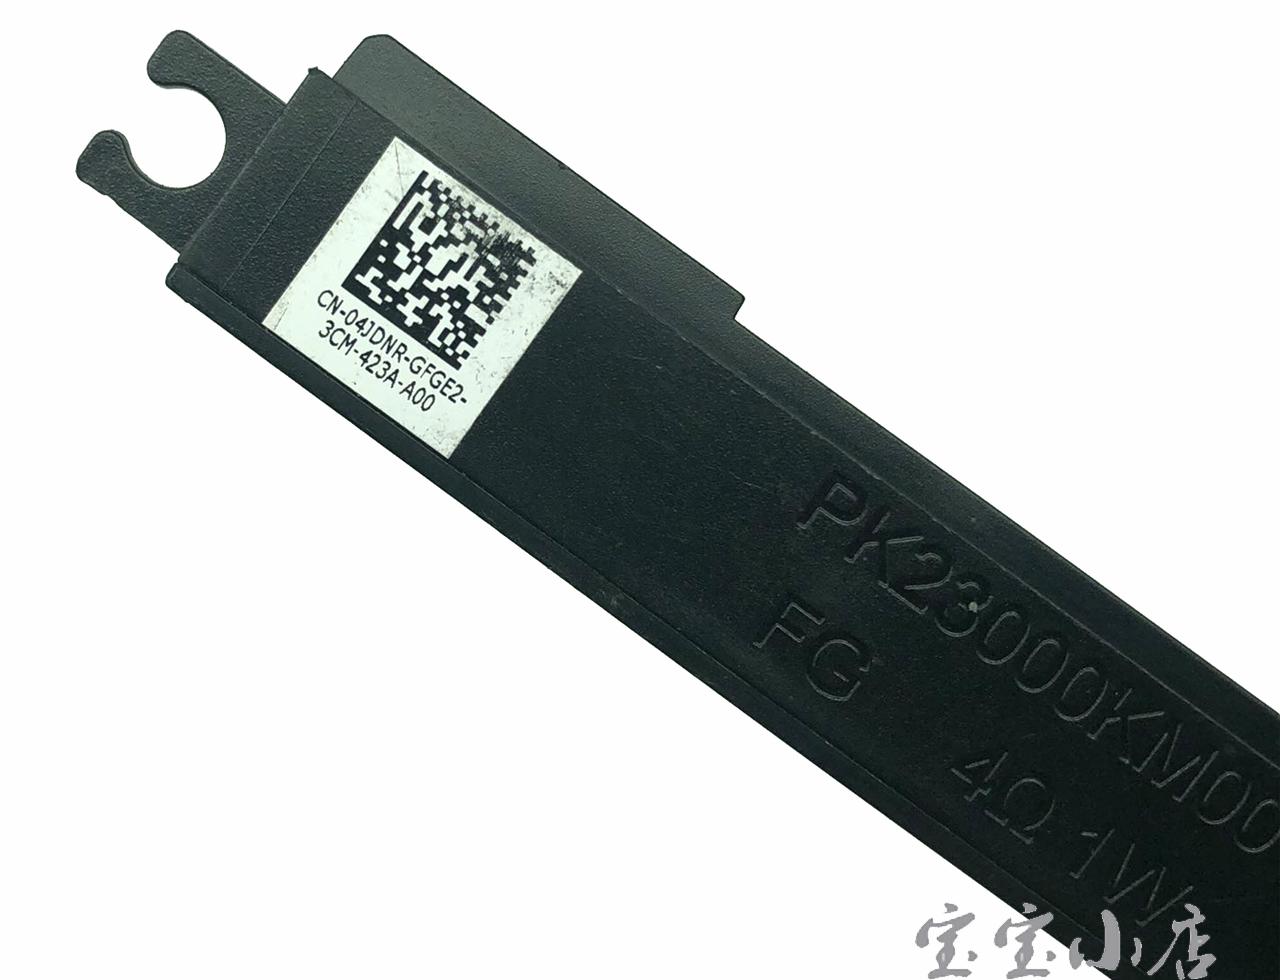 新到货120对 戴尔Dell Latitude E6540 扬声器 喇叭 内置音响 4JDNR 23000KM00 CN-04JDNR